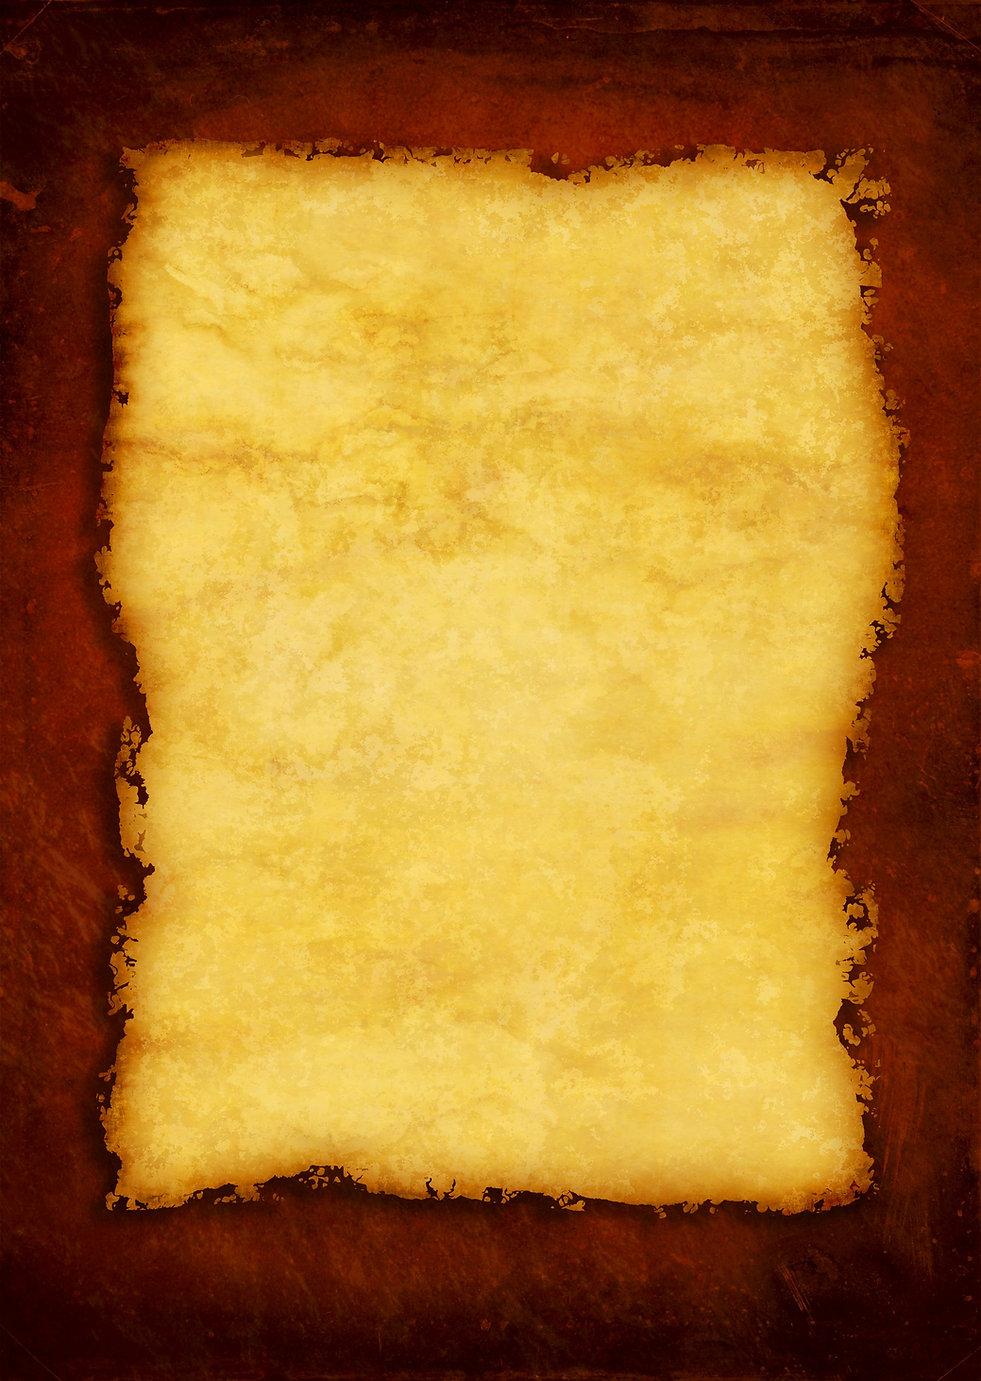 frame-2851307.jpg